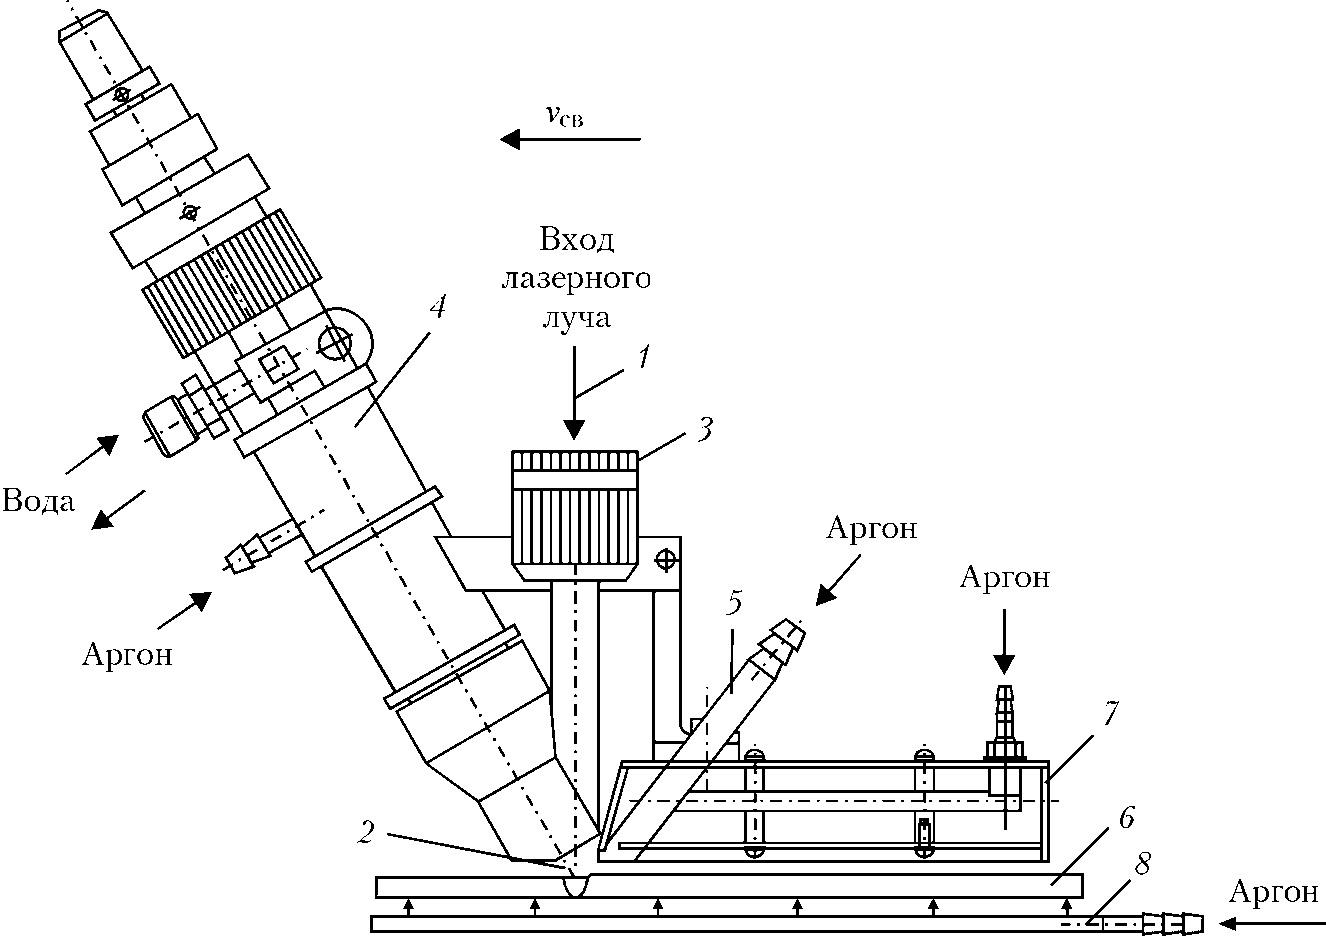 гибридная лазерно-дуговая сварка, гибридная, сварка,лазерная сварка, инновации в сварке, сварка, сварочные работы